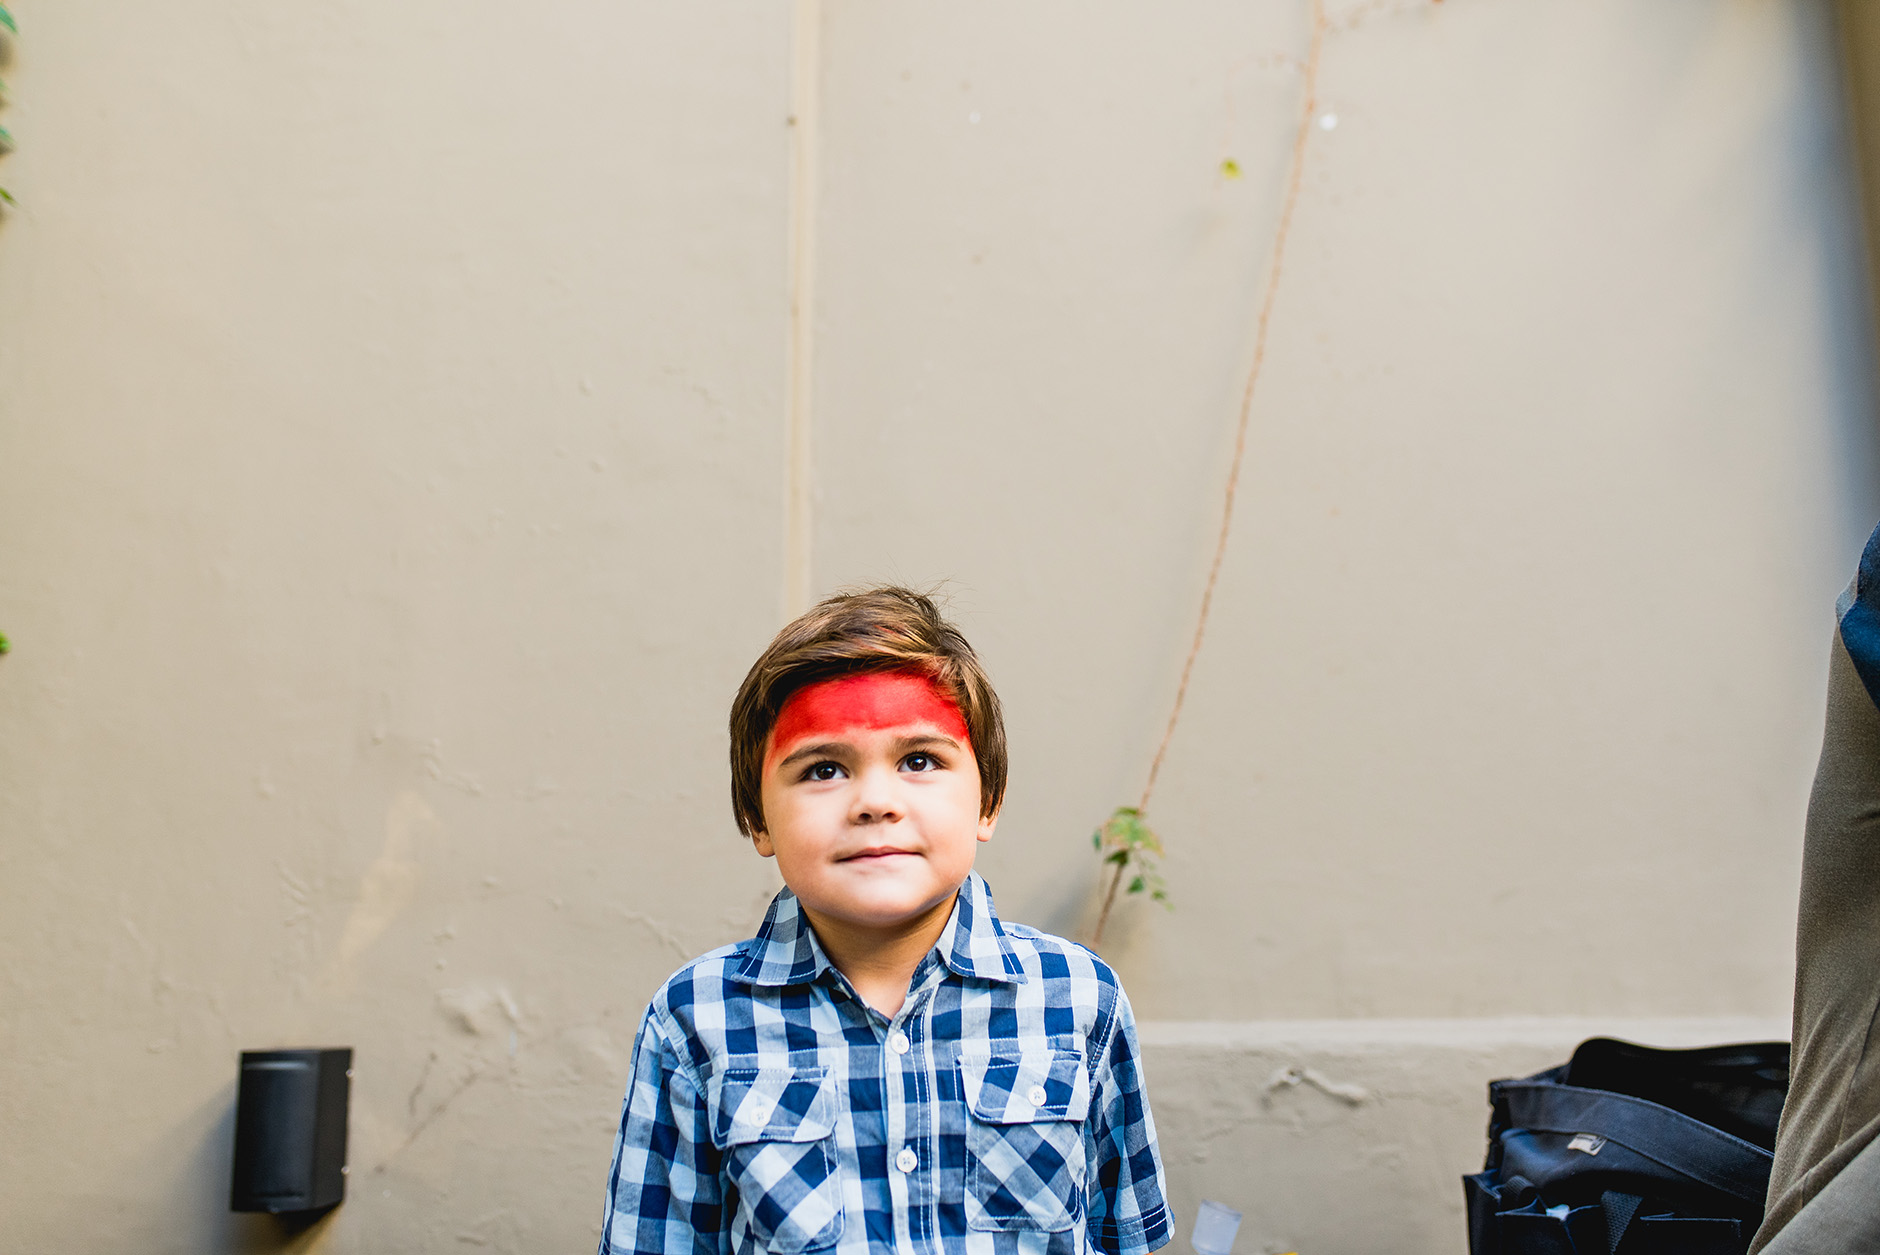 Fotos del cumple de Mateo en Rosario realizadas por Bucle Fotografias Flor Bosio y Caro Clerici